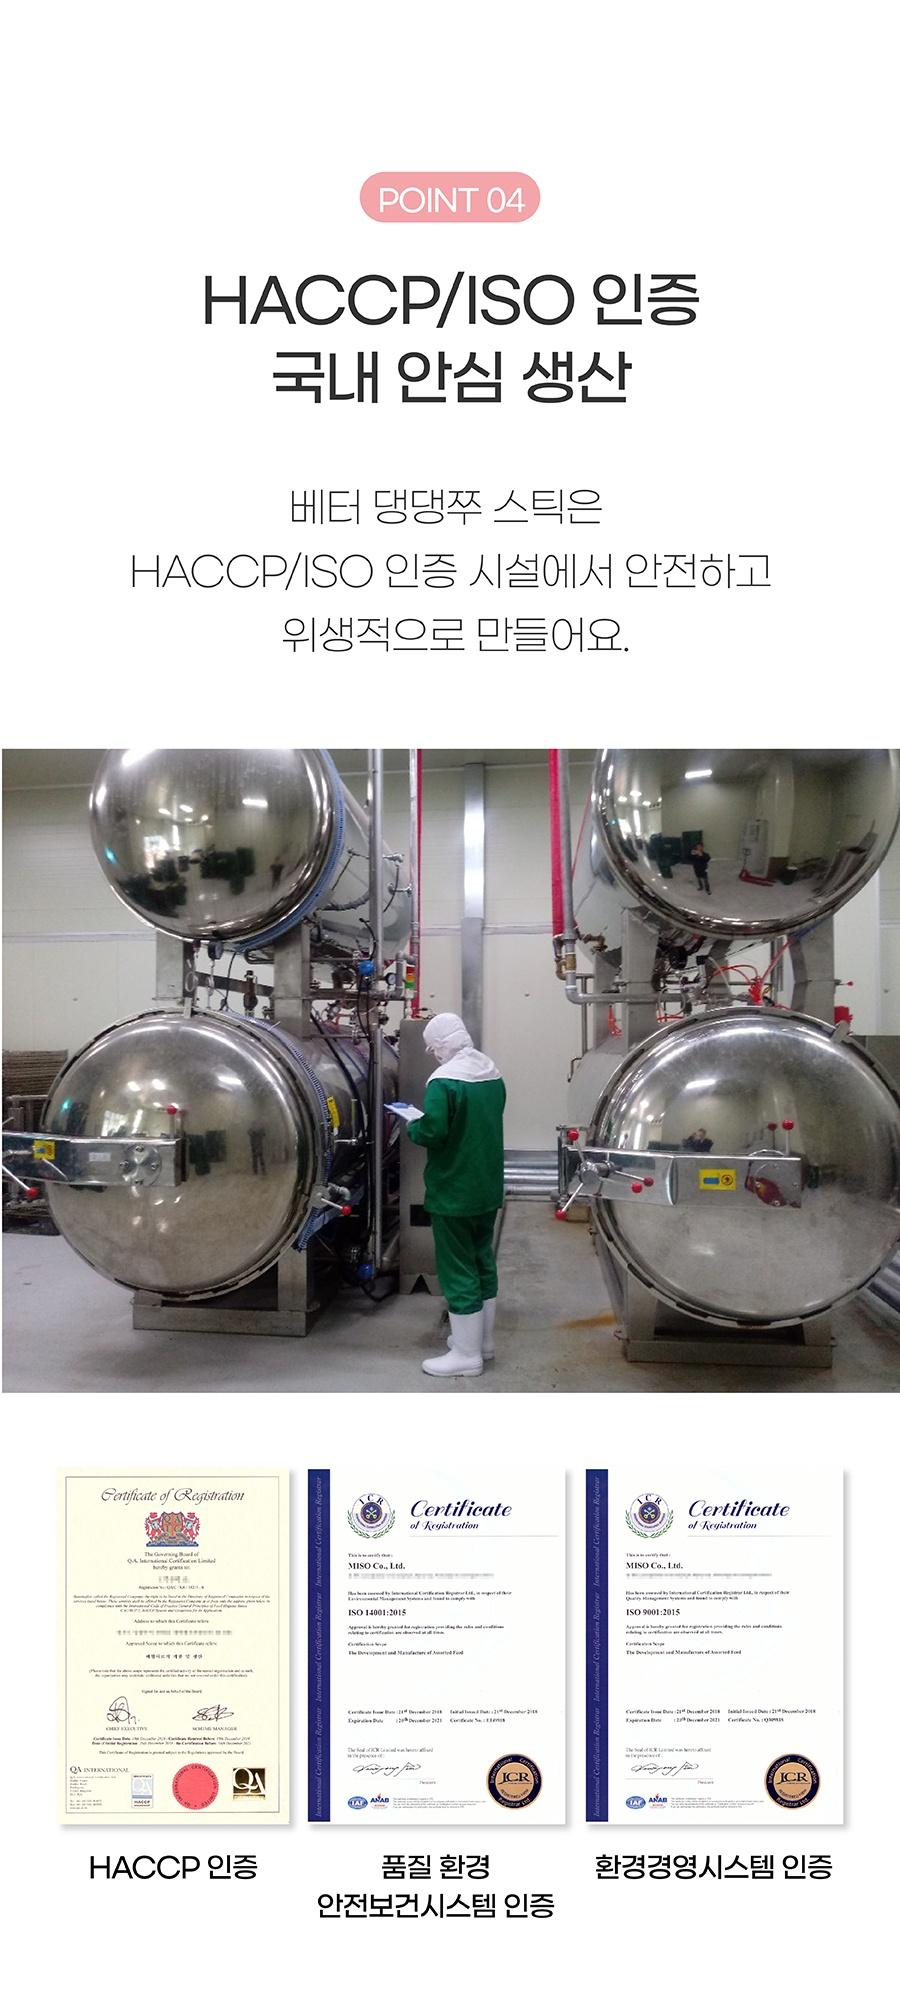 [EVENT] 과일로 만든 베터 댕댕쭈 스틱 (스트로베리/애플/탠저린)-상품이미지-4